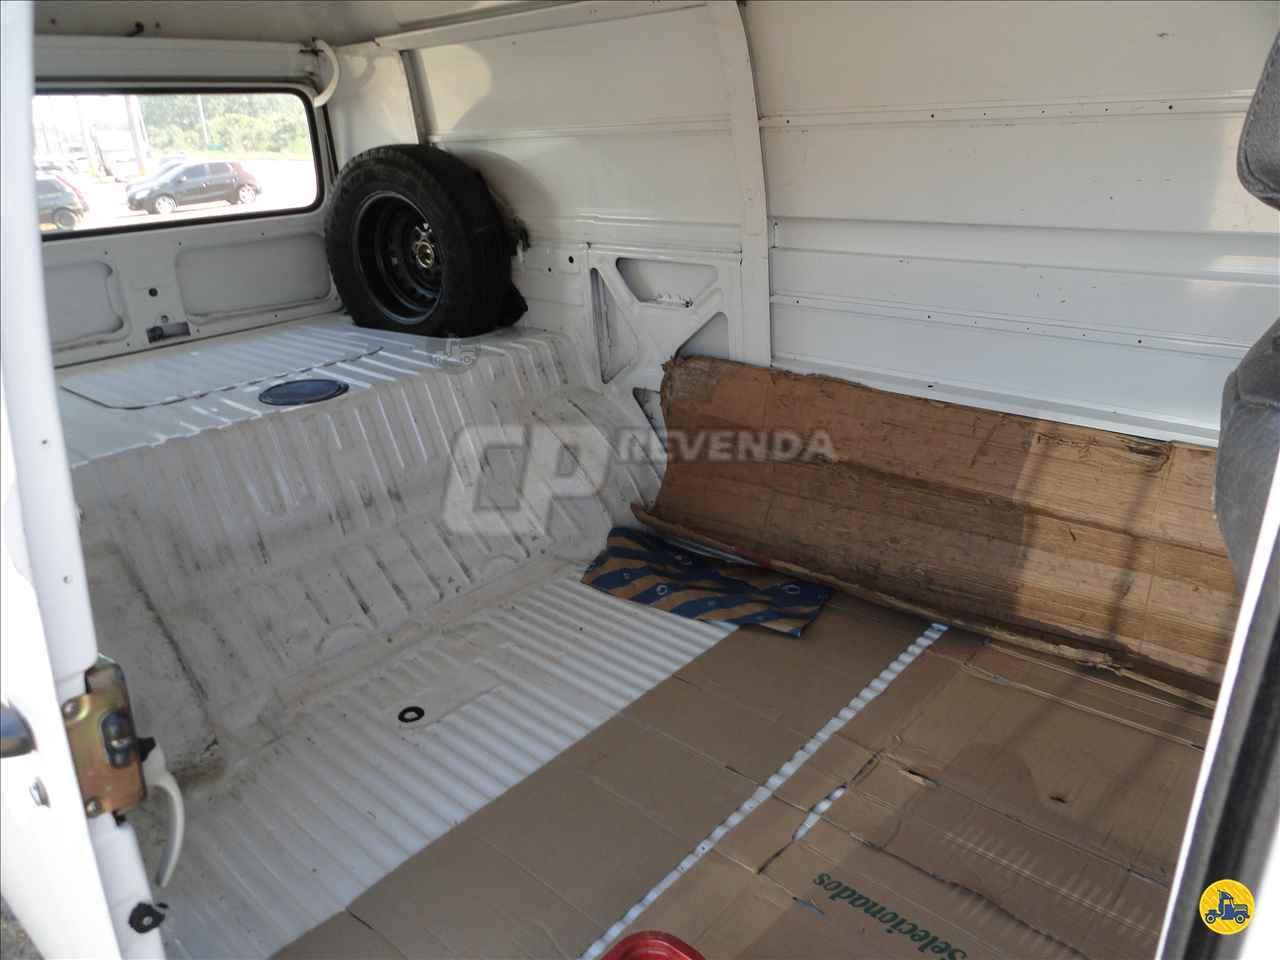 VW - Volkswagen Kombi Furgão 000000000k 2014/2014 CP Revenda